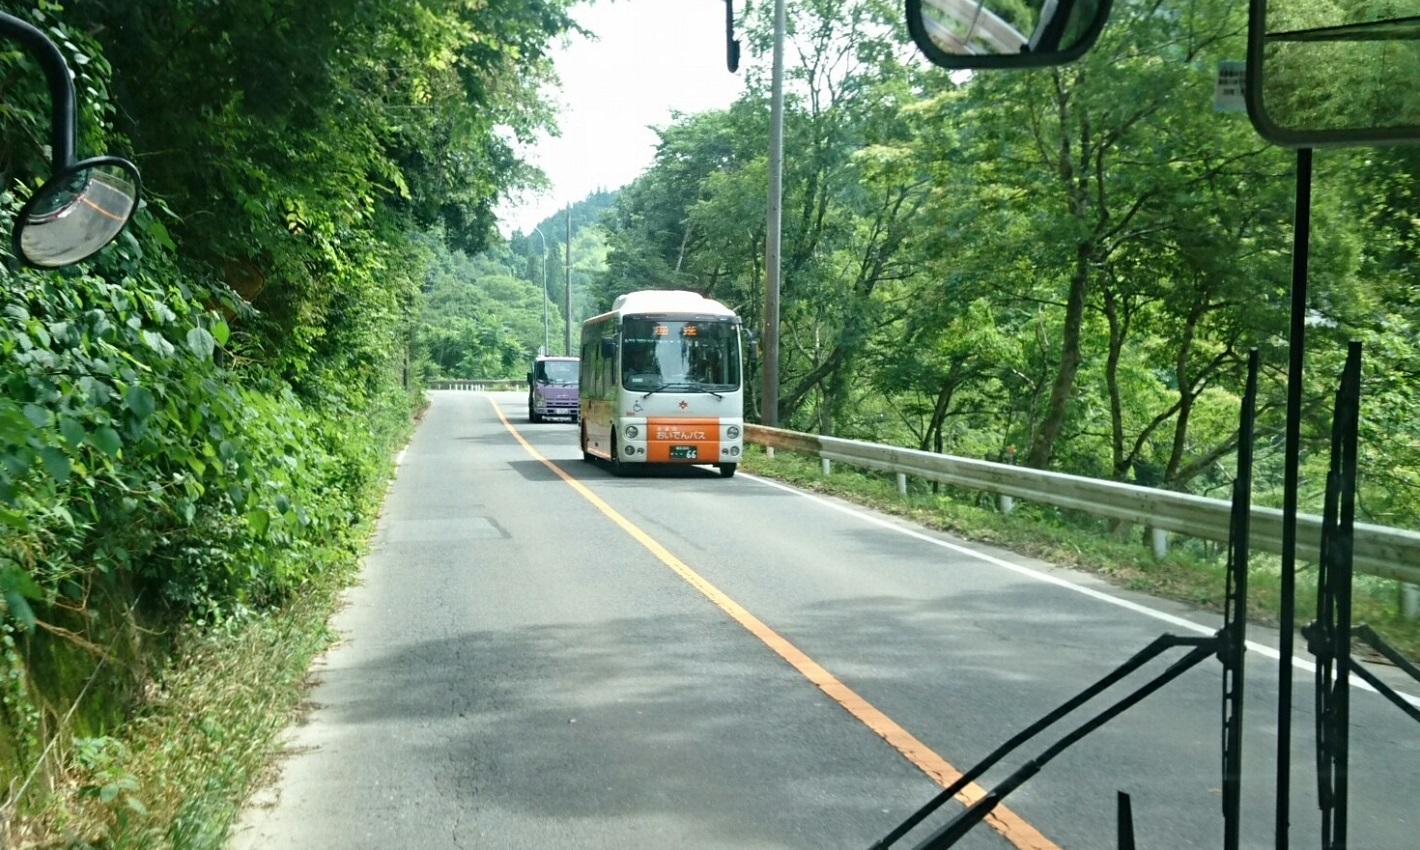 2018.6.22 (60) 足助いきバス - バス停間(つぎは大島) 1420-850